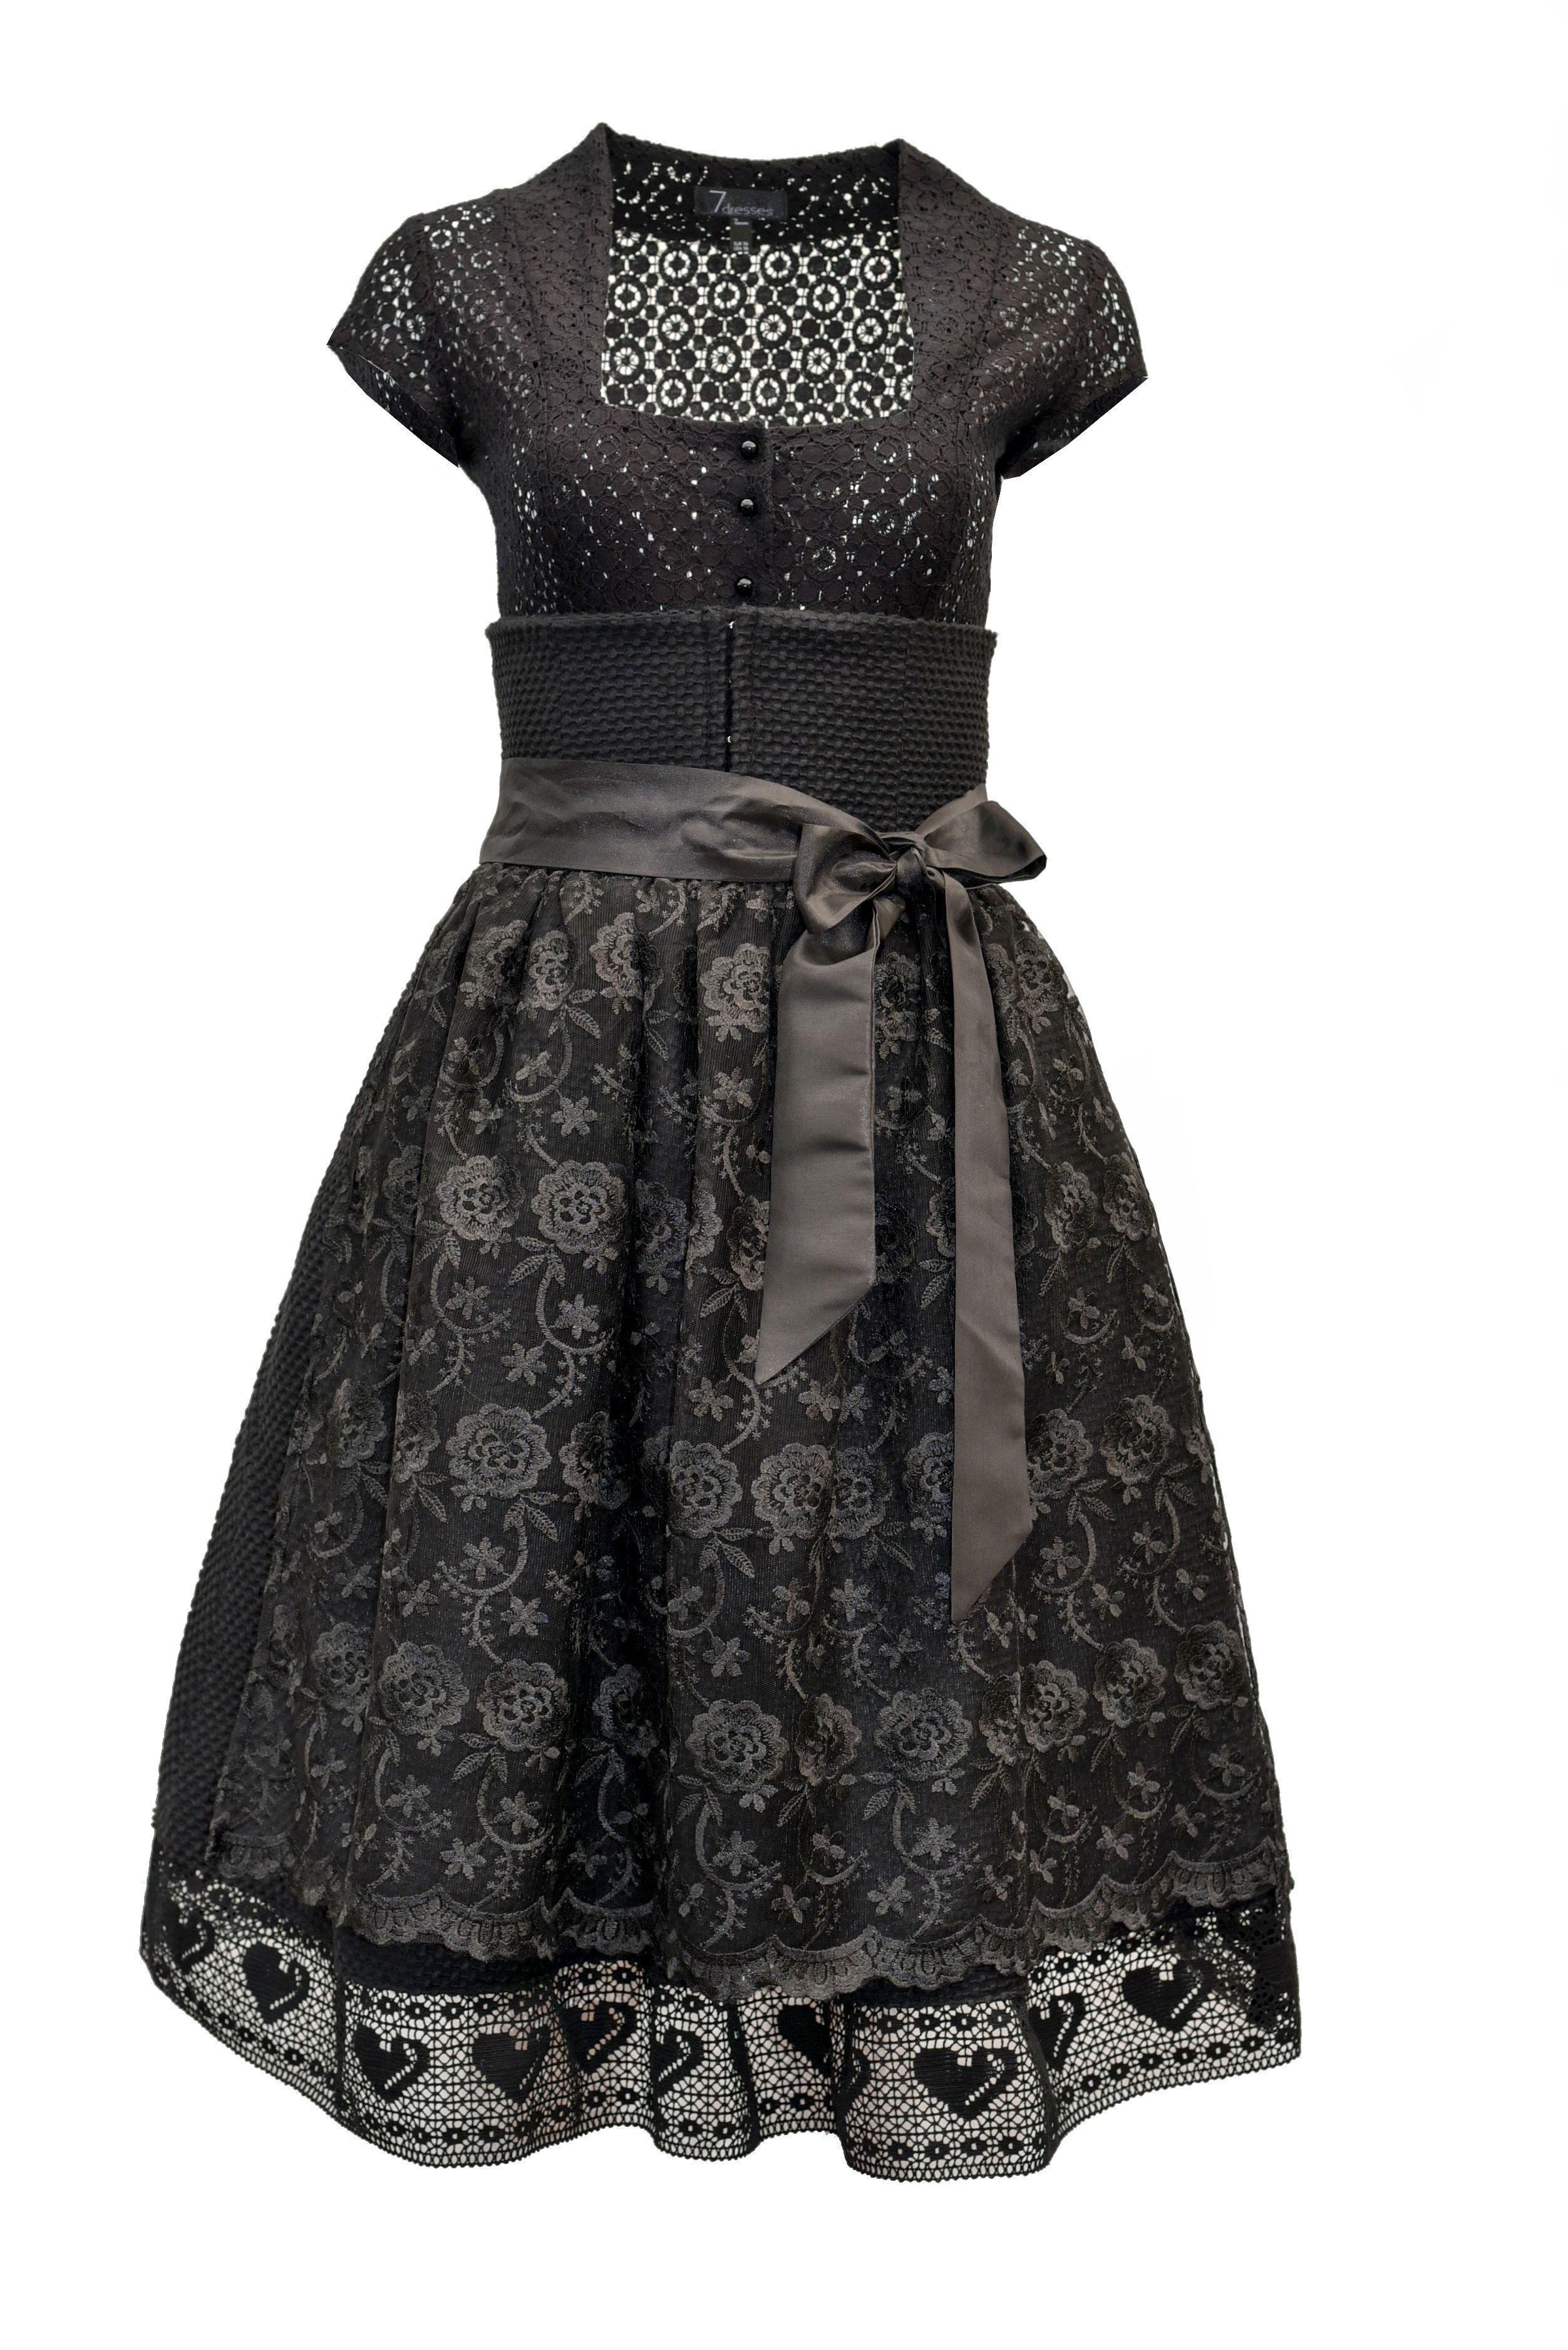 7dresses online shop - dirndl, trachtenrock, fashion